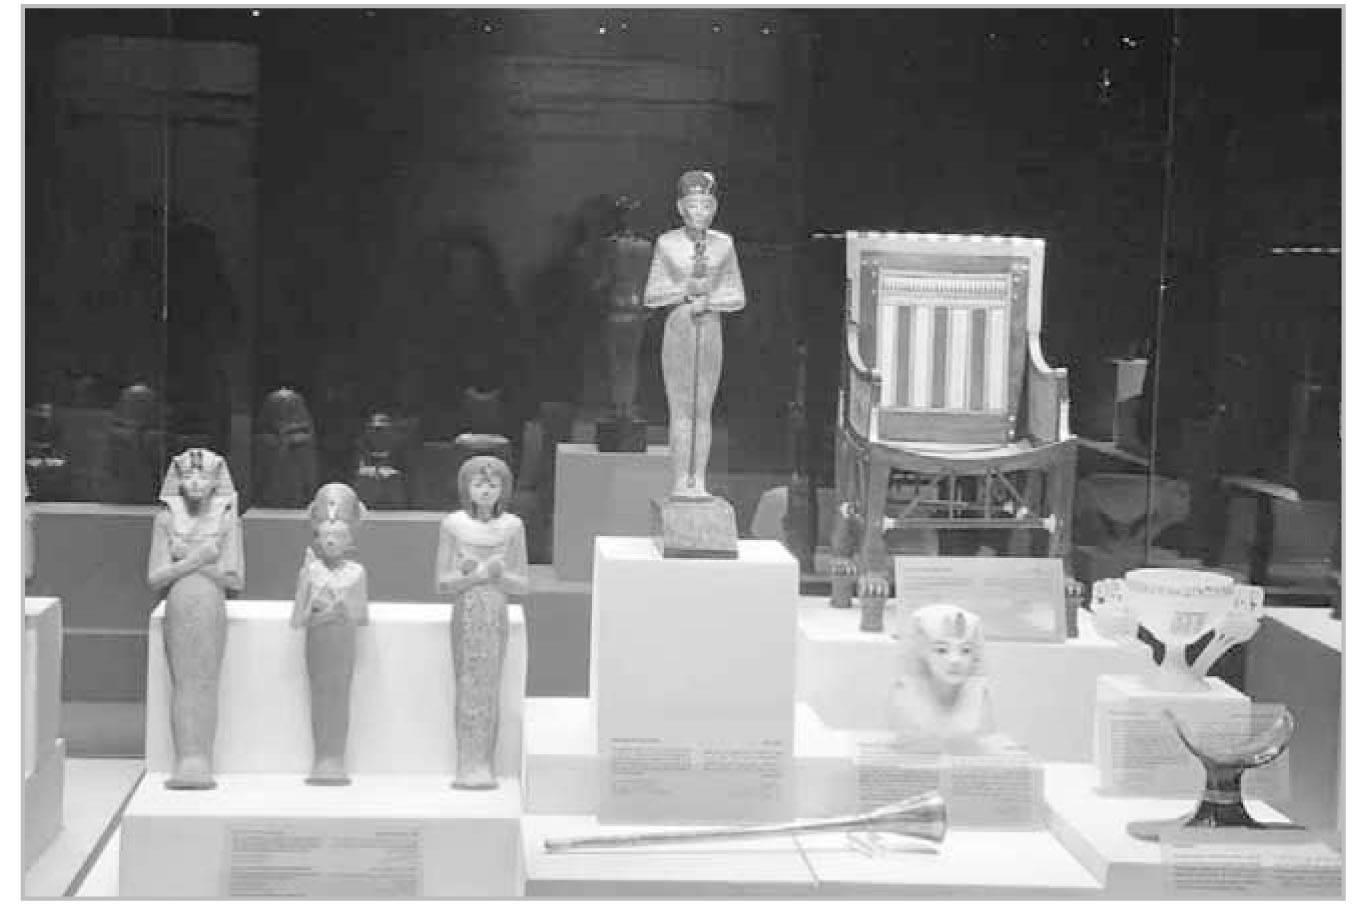 متحف الحضارة.. تفرد فى الهوية والتاريخ